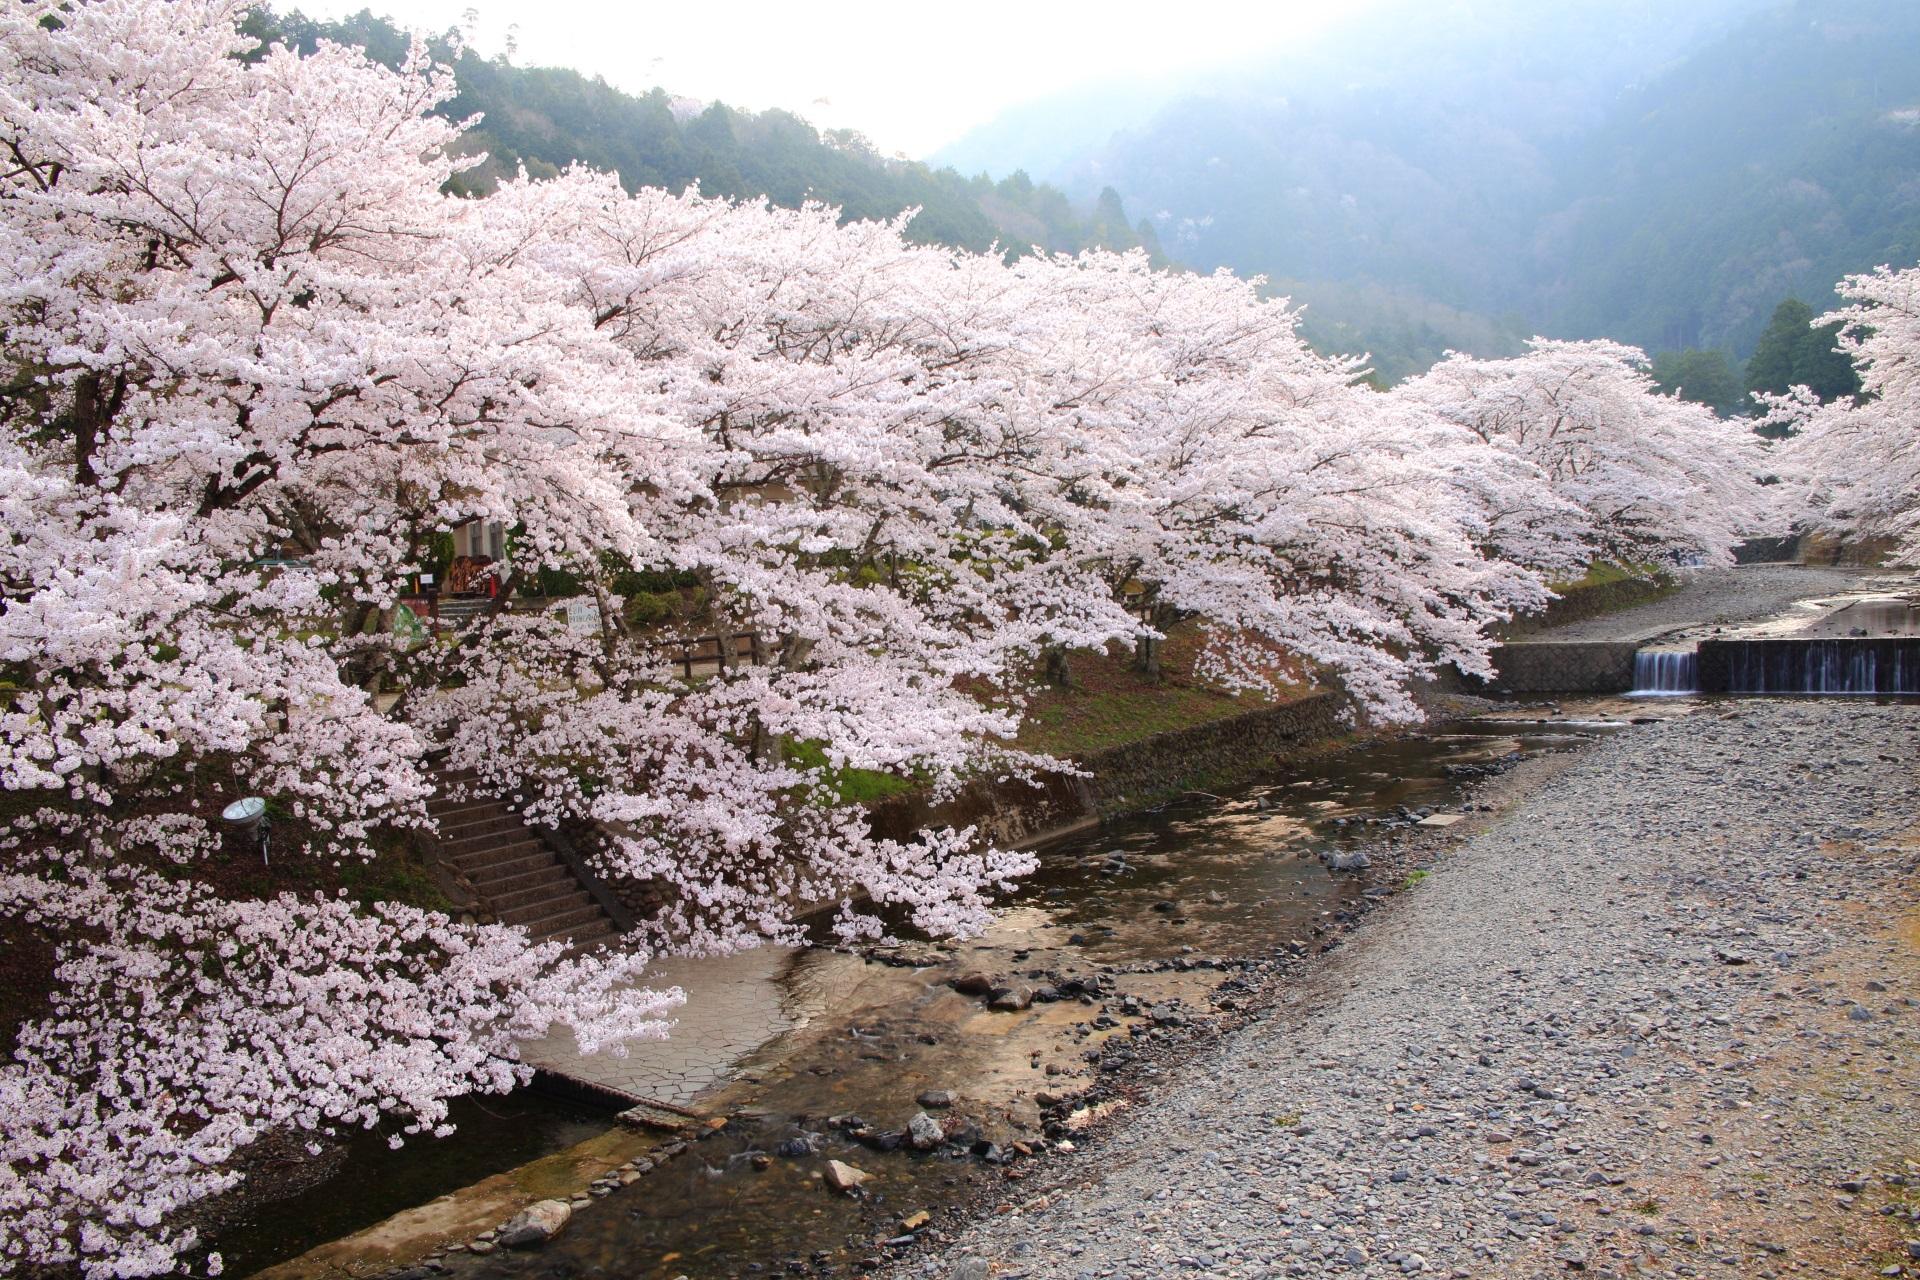 七谷川は京都亀岡の桜の名所